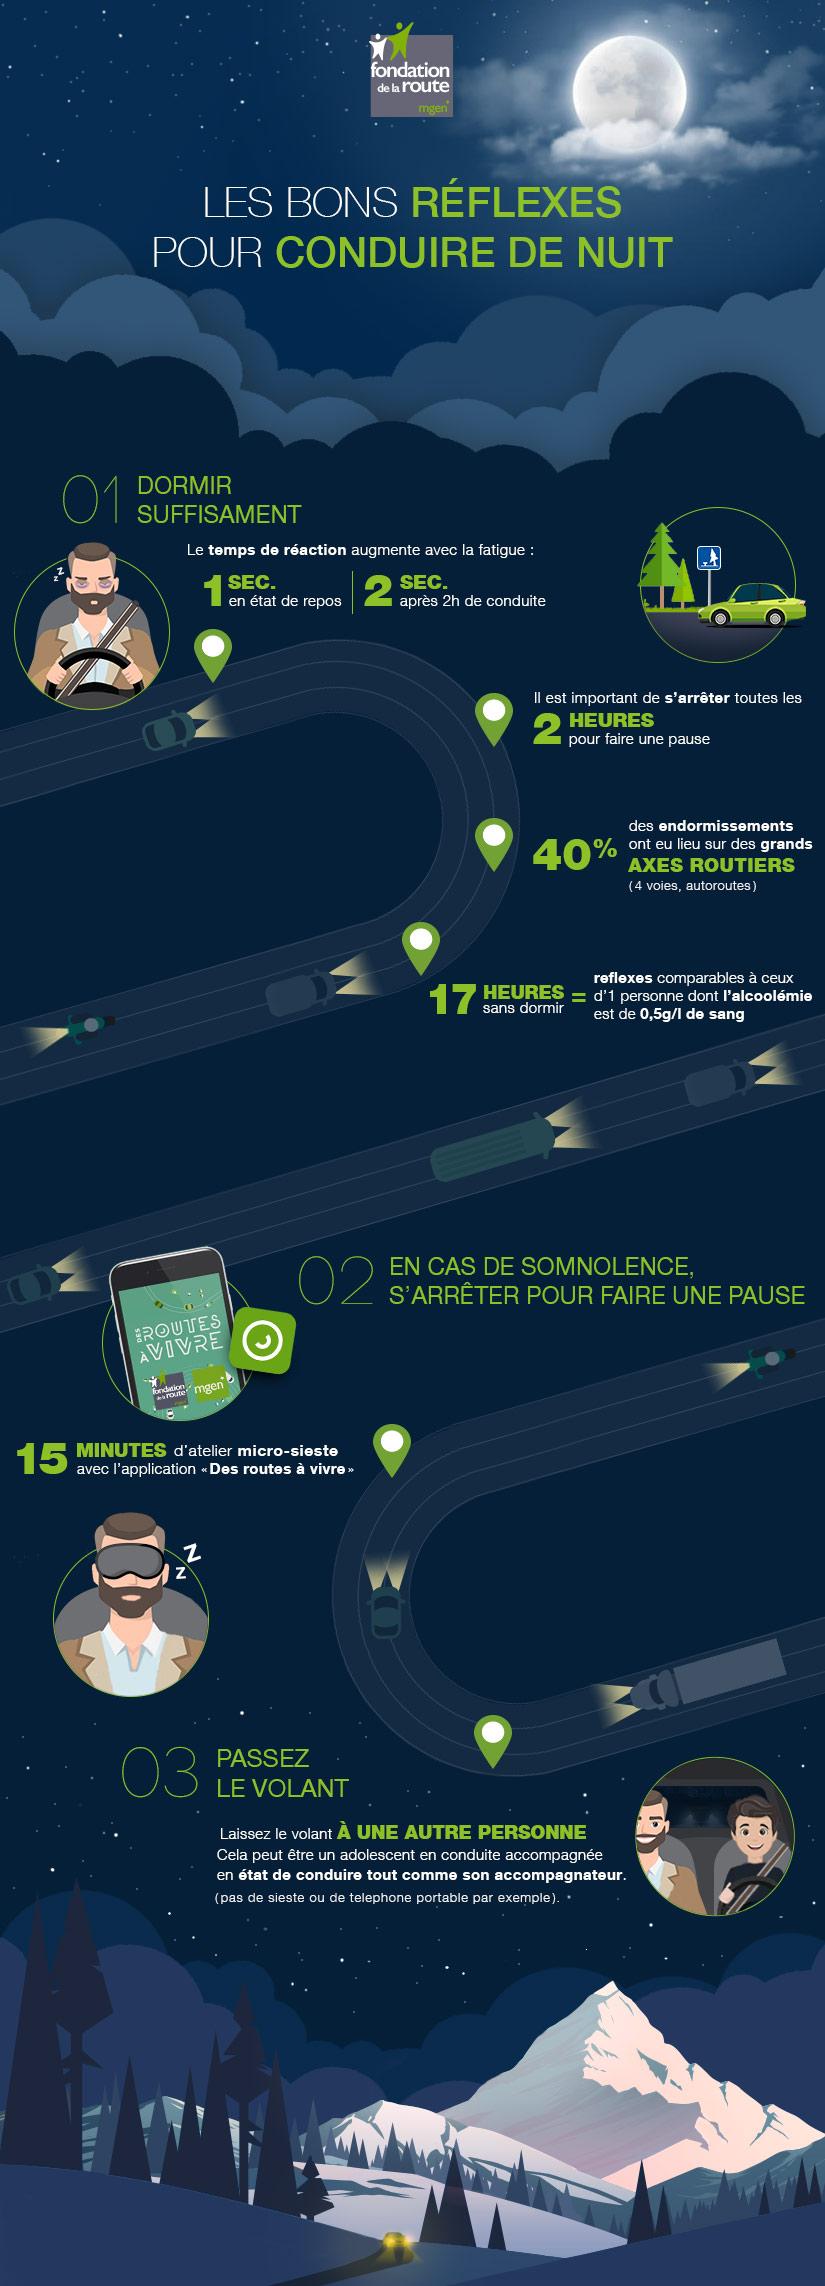 Conduire de nuit peut sembler une bonne idée, moins de monde sur la route, mais attention à la fatigue